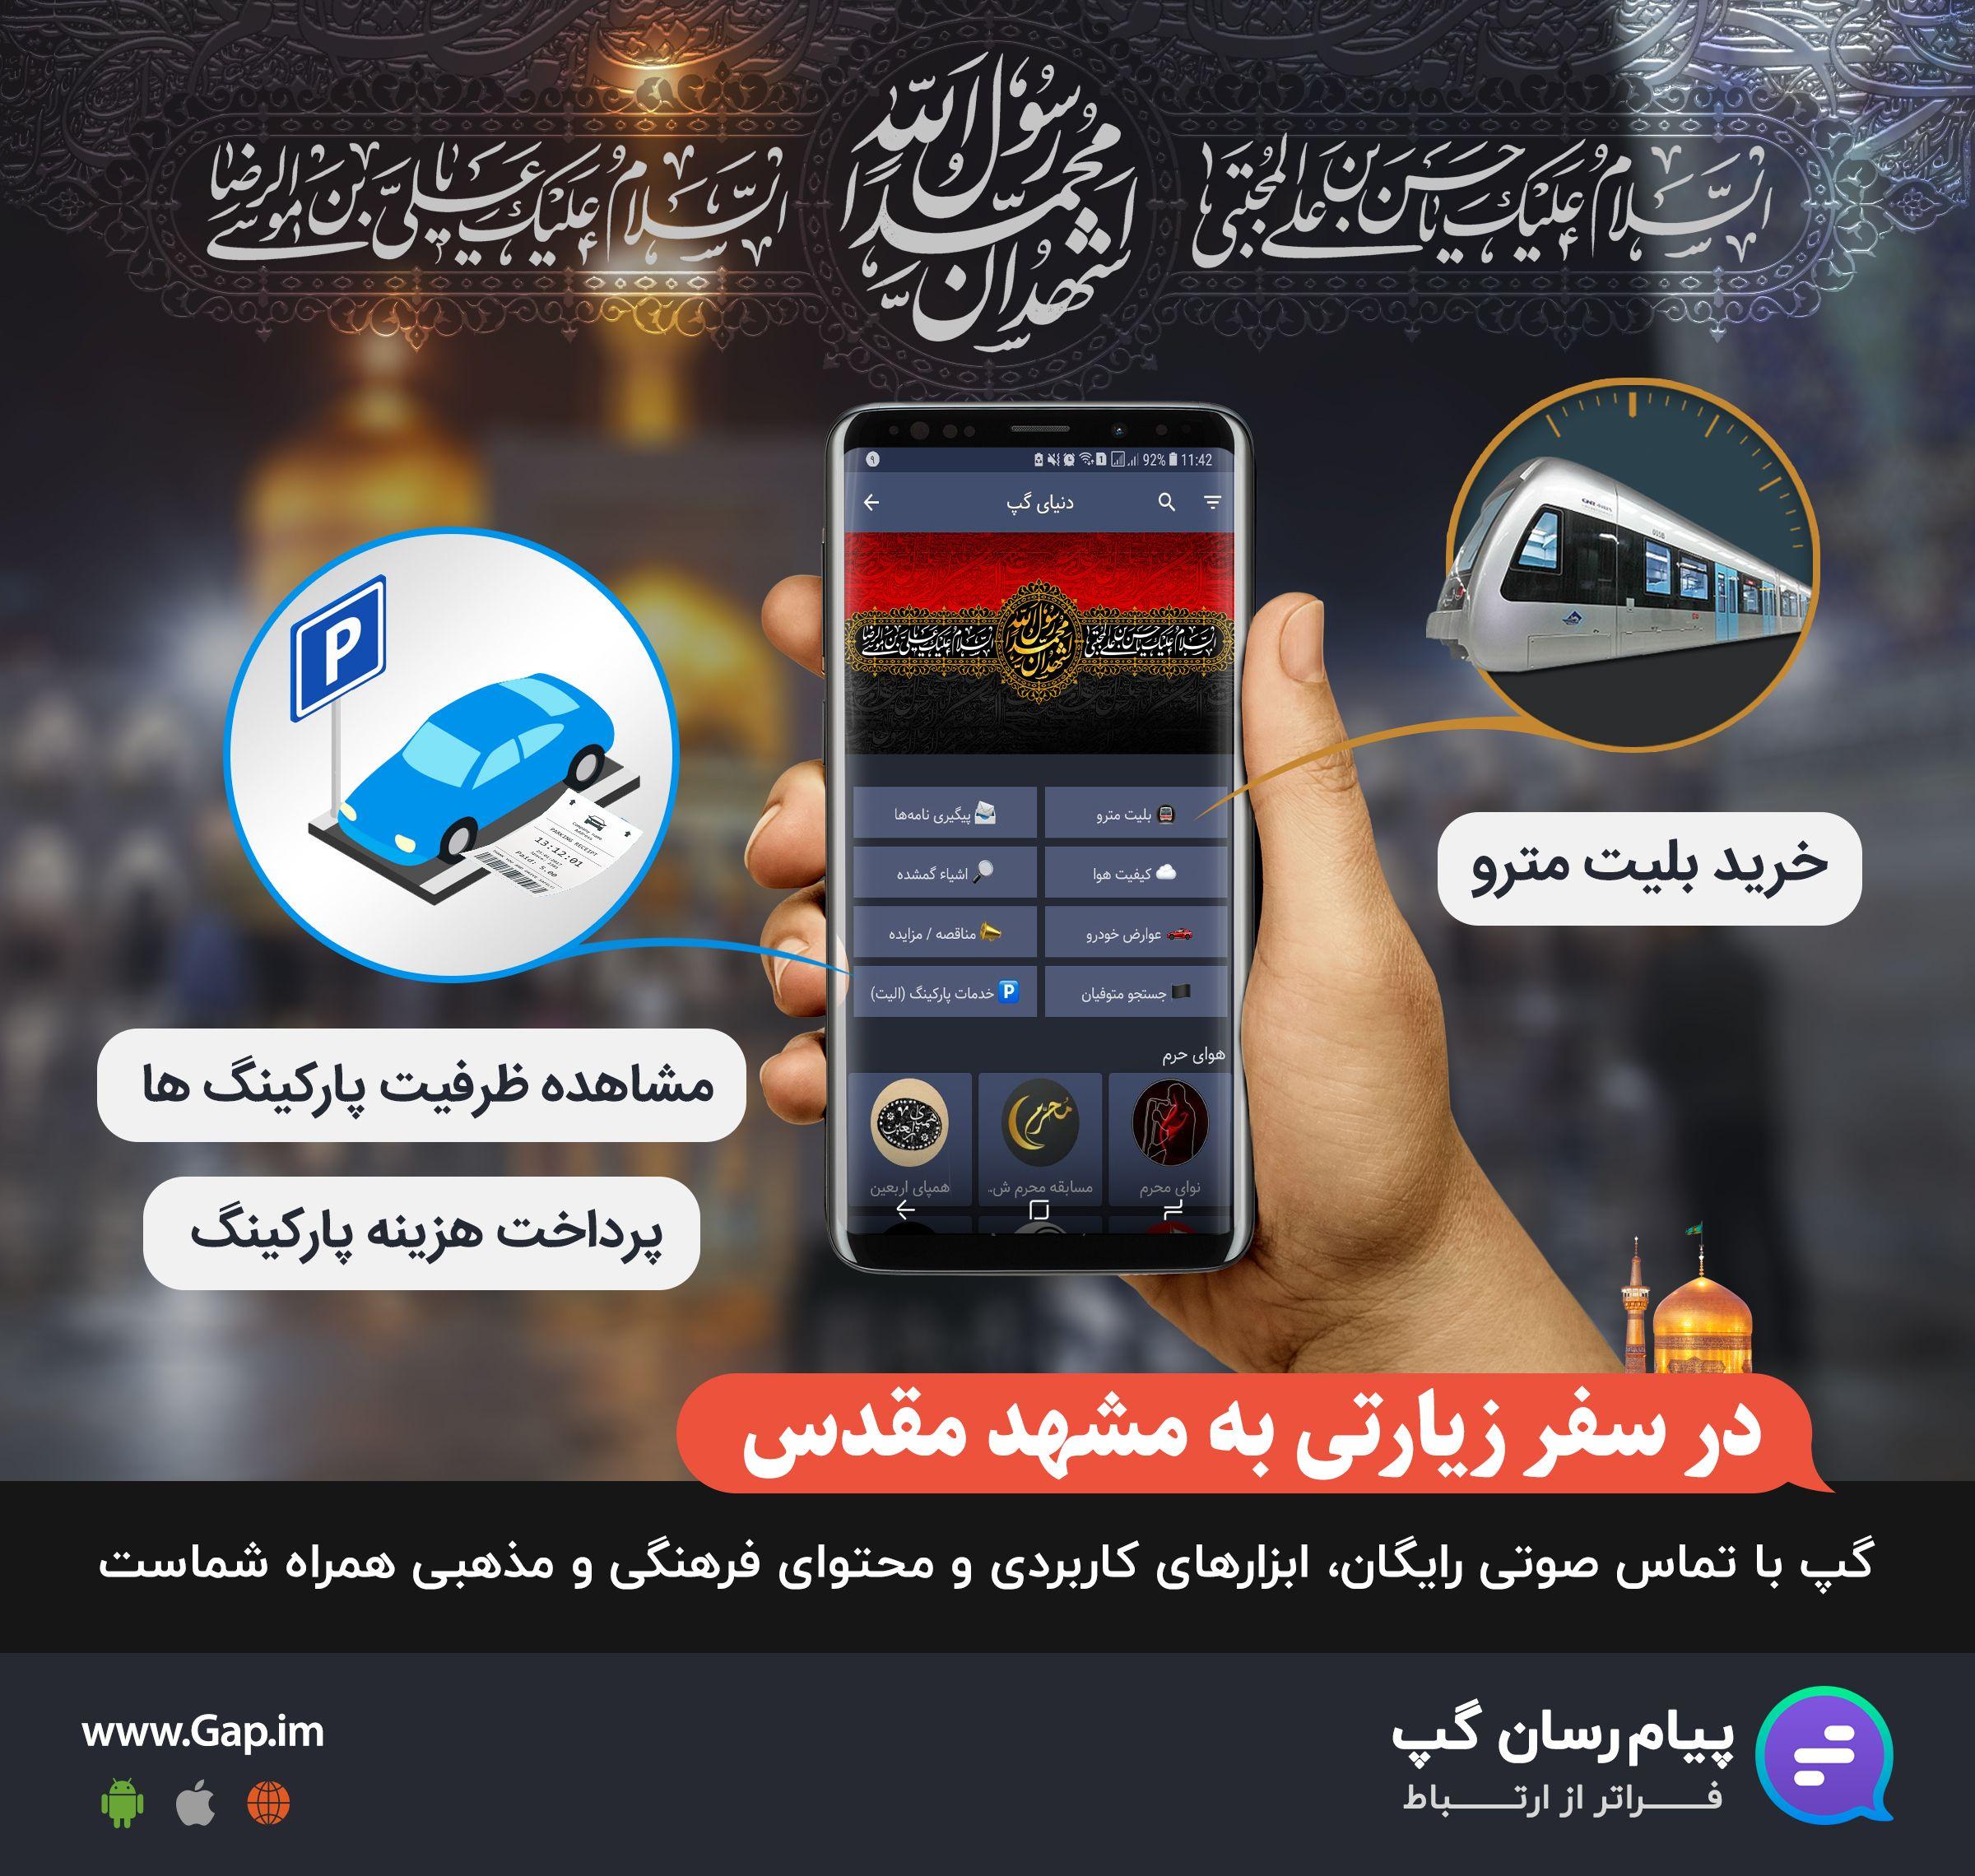 تجمیع خدمات گپ برای زائرین امام رضا(ع)